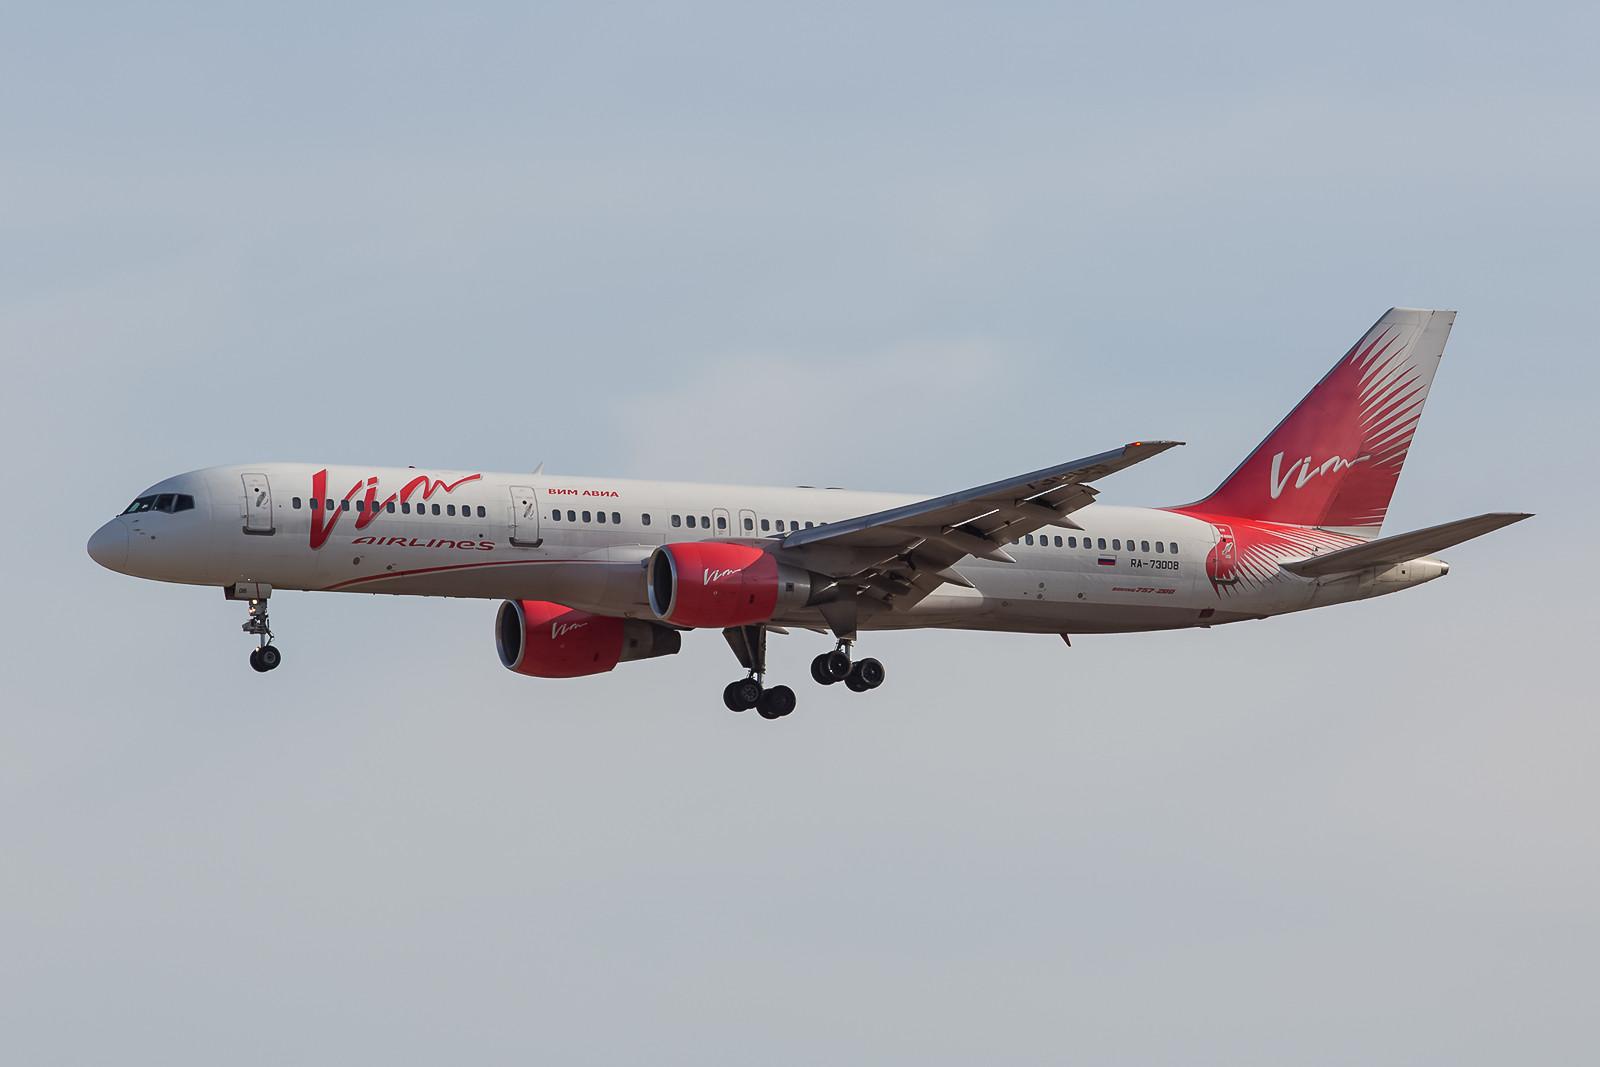 Noch eine russische Airline die nach Teneriffa kommt, die Vim Air. Auch wenn die Flotte verkleinert wurde und drei Maschinen derzeit auf dem Hahn abgewrackt werden, ist sie doch immer noch aktiv.